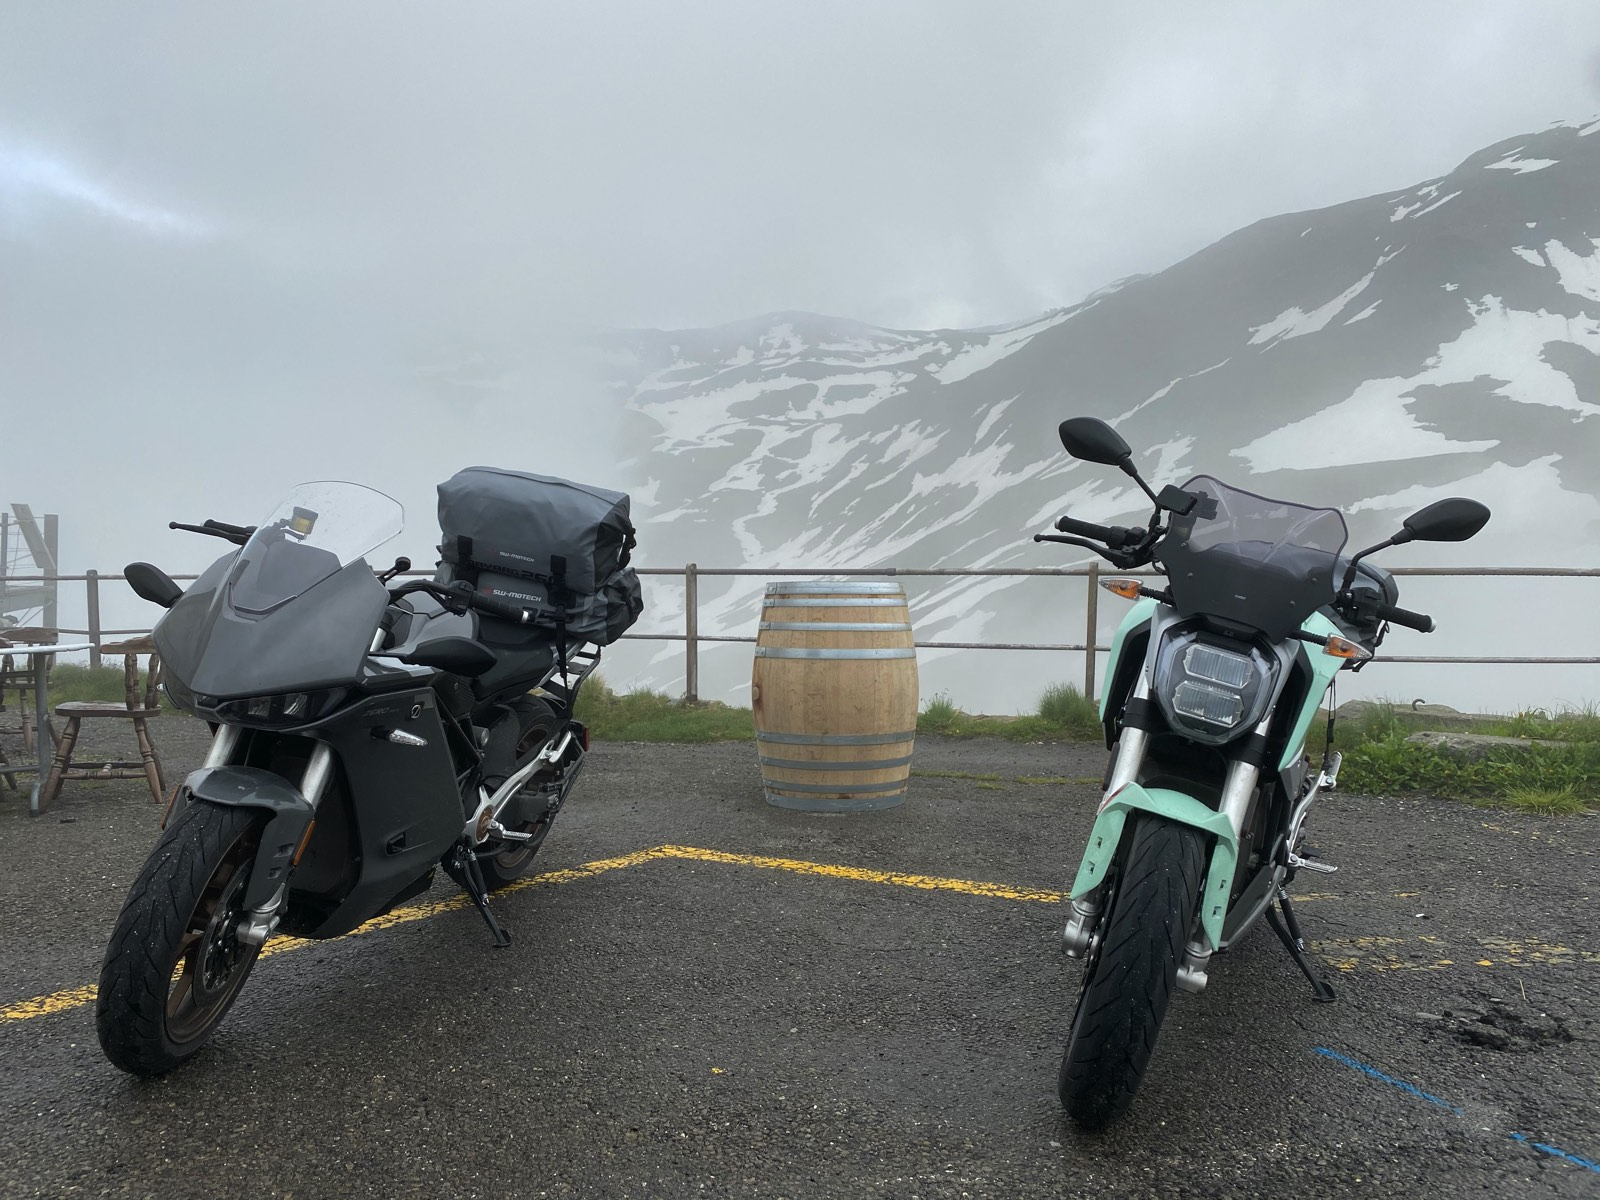 Viajar en moto eléctrica España-Suiza con una Zero SR/F